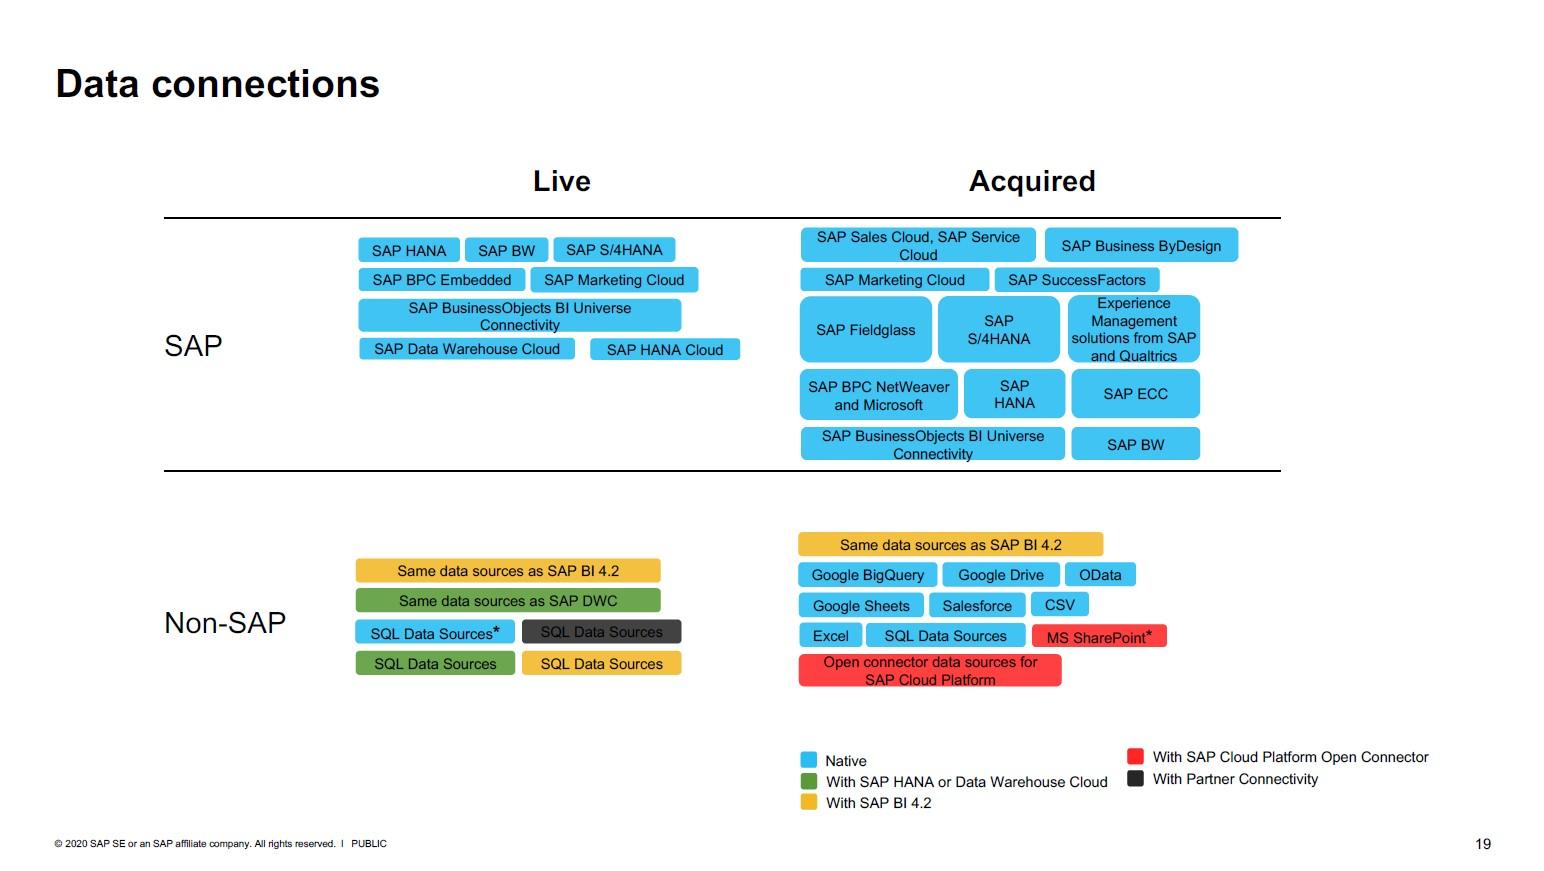 Datenverbindungen für SAP Analytics Cloud